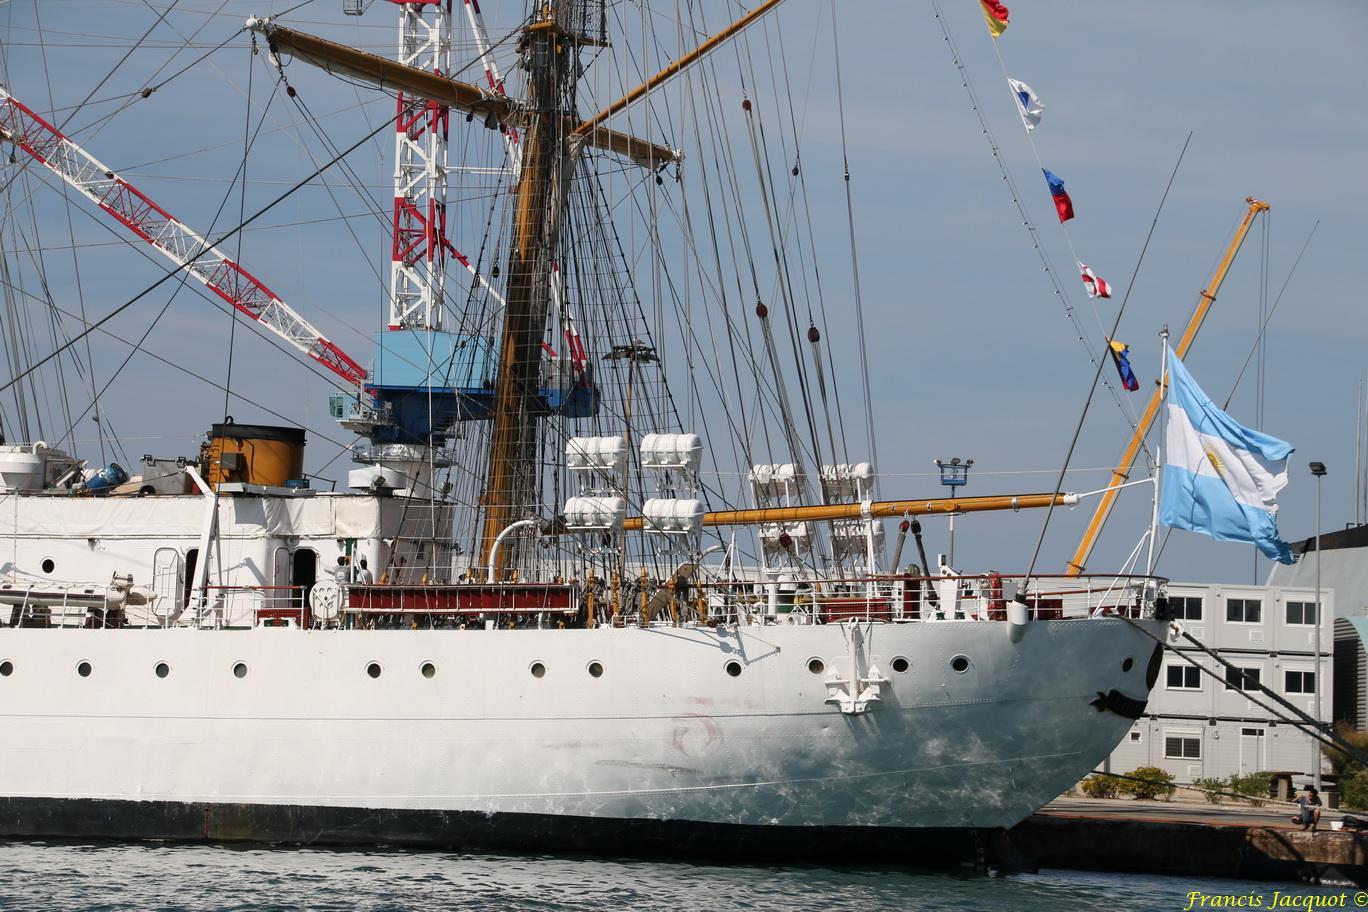 [ Marine à voile ] Vieux gréements - Page 3 7439403604